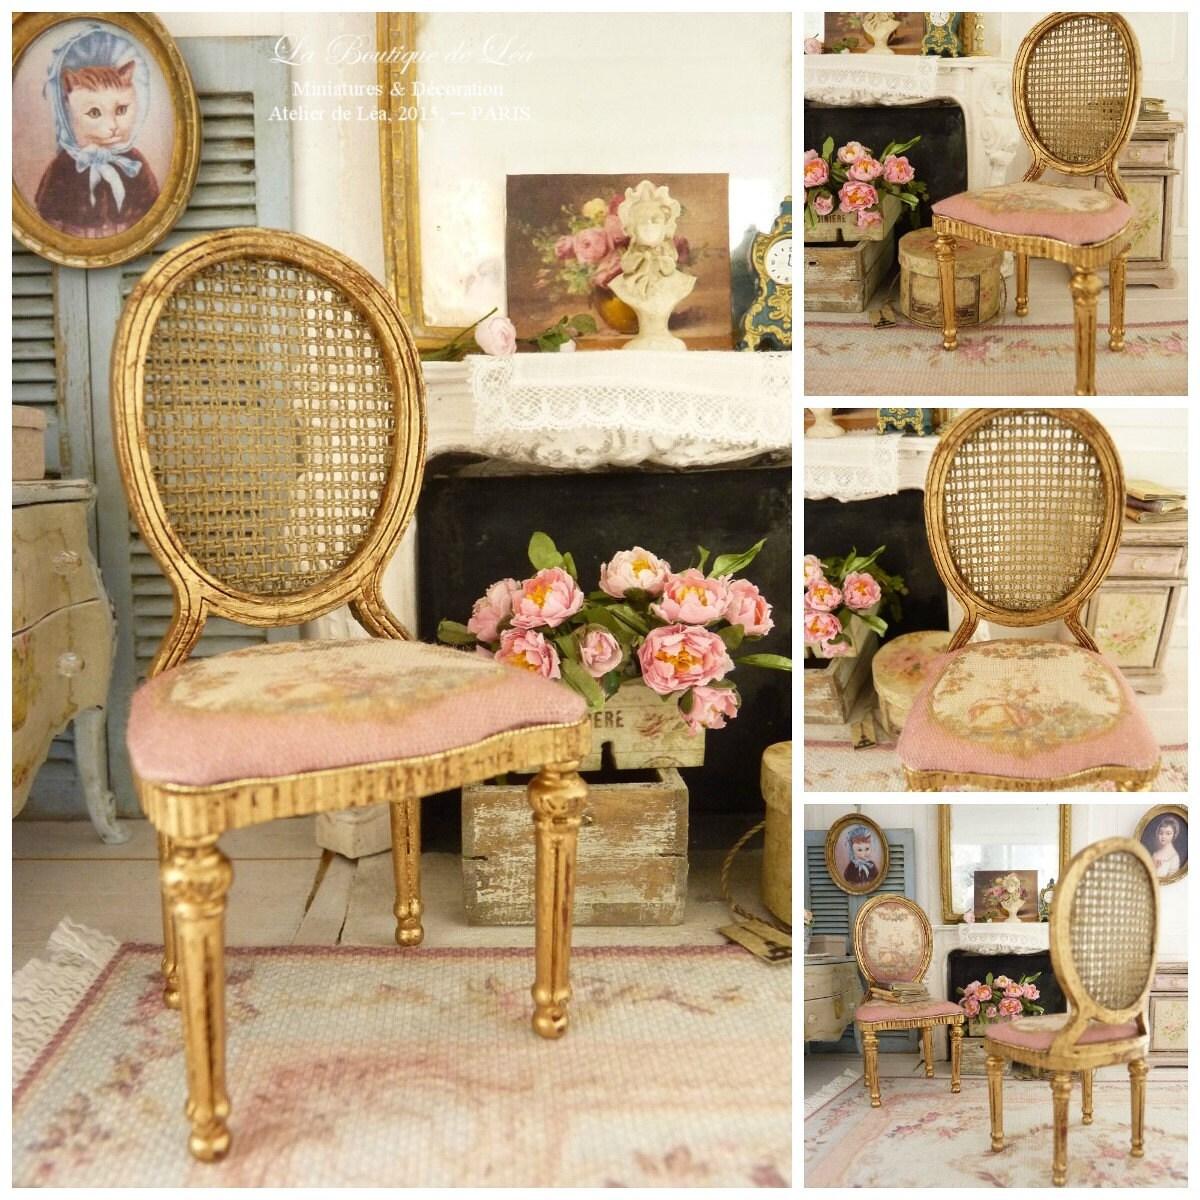 chaise m daillon louis xvi marie antoinette aubusson. Black Bedroom Furniture Sets. Home Design Ideas